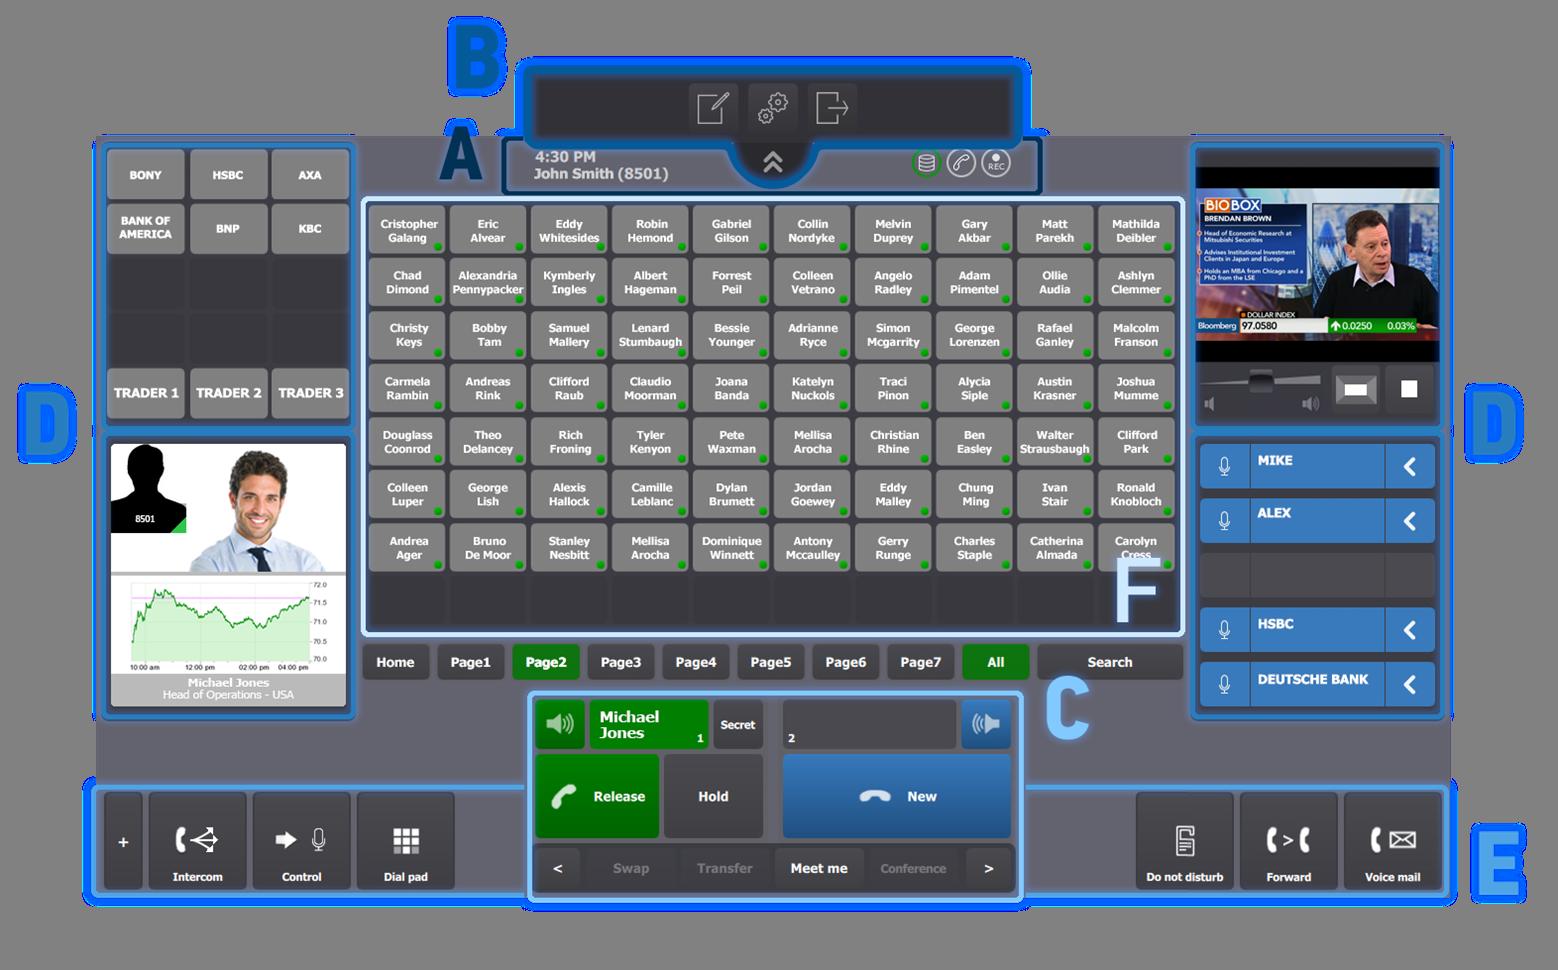 консоль диспетчера, консоль трейдера BT FlexPro, системы речевого дилинга